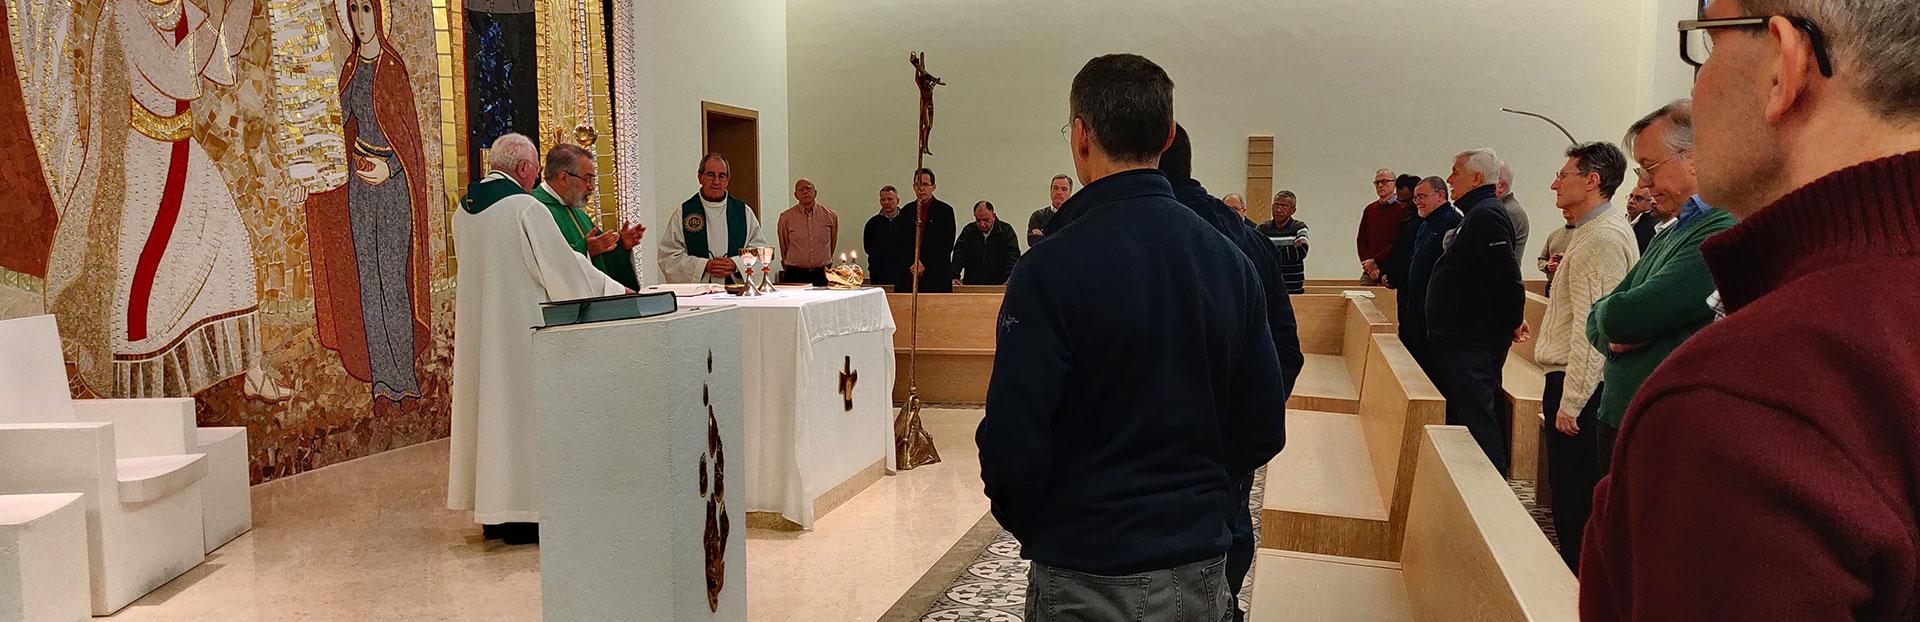 La pauvreté des jésuites a-t-elle une valeur aujourd'hui ?